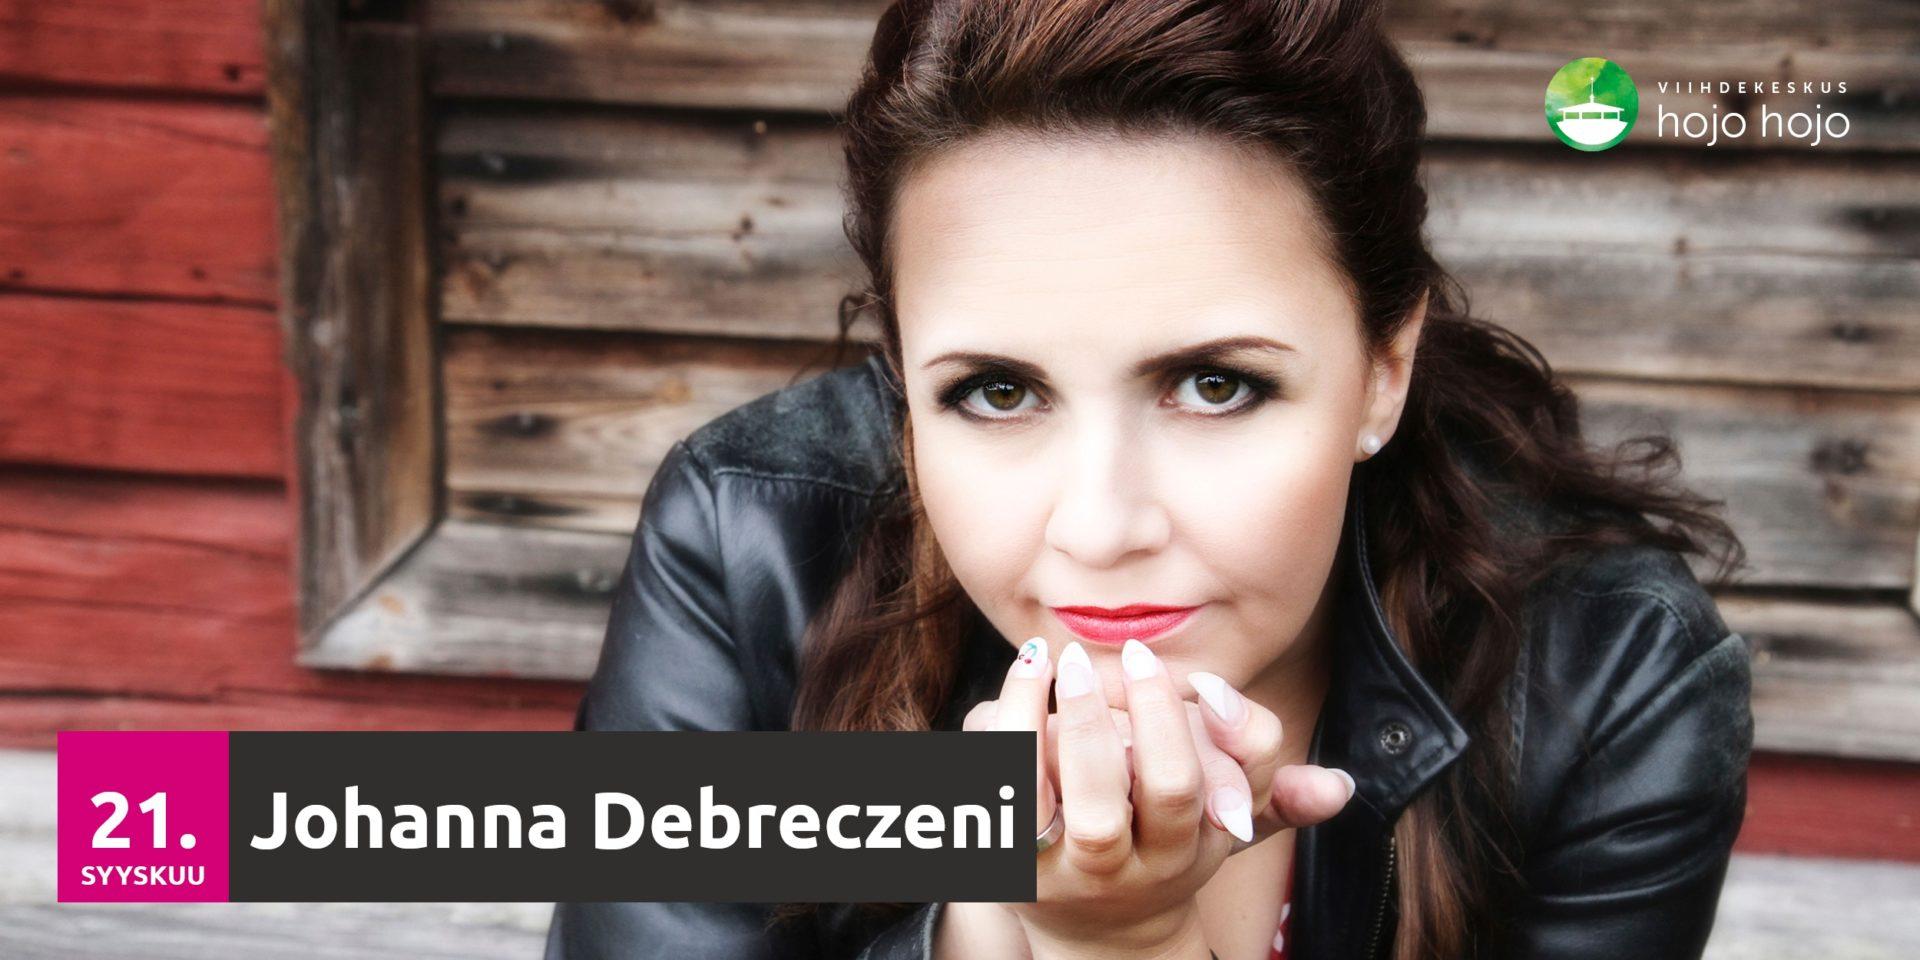 Read more about the article Lauantaina 21.9.2019 Johanna Debreczeni